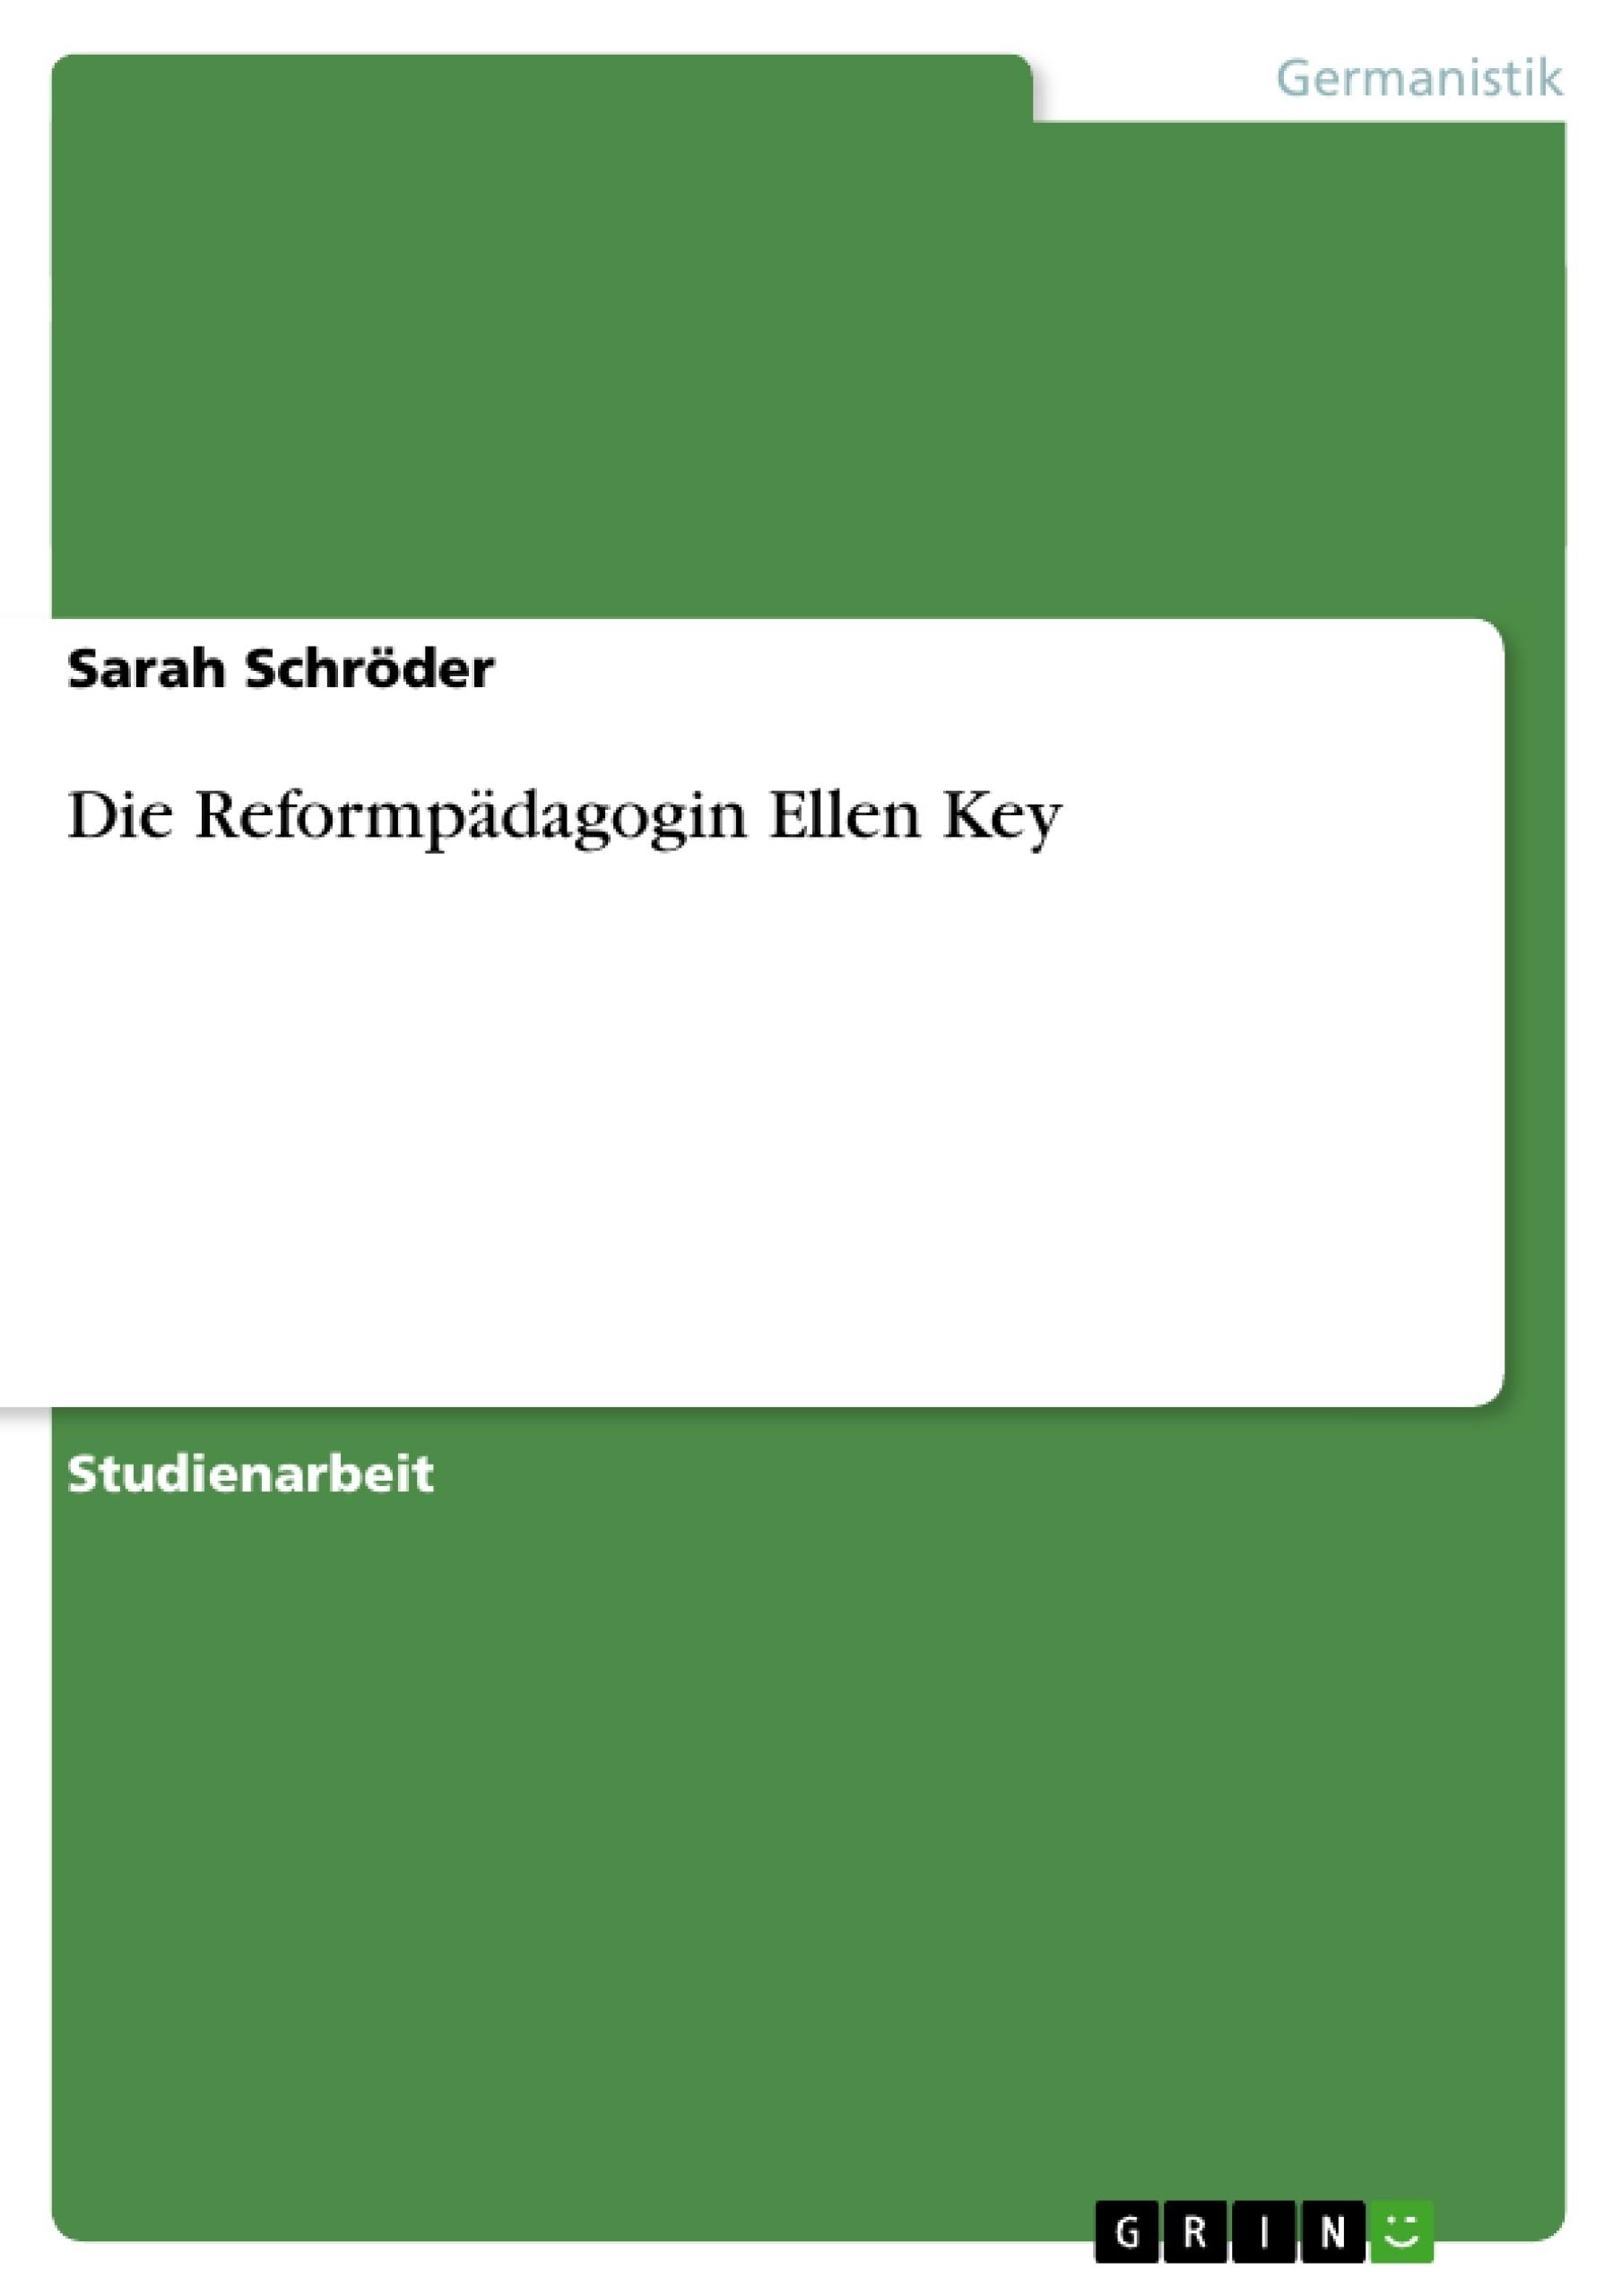 Titel: Die Reformpädagogin Ellen Key